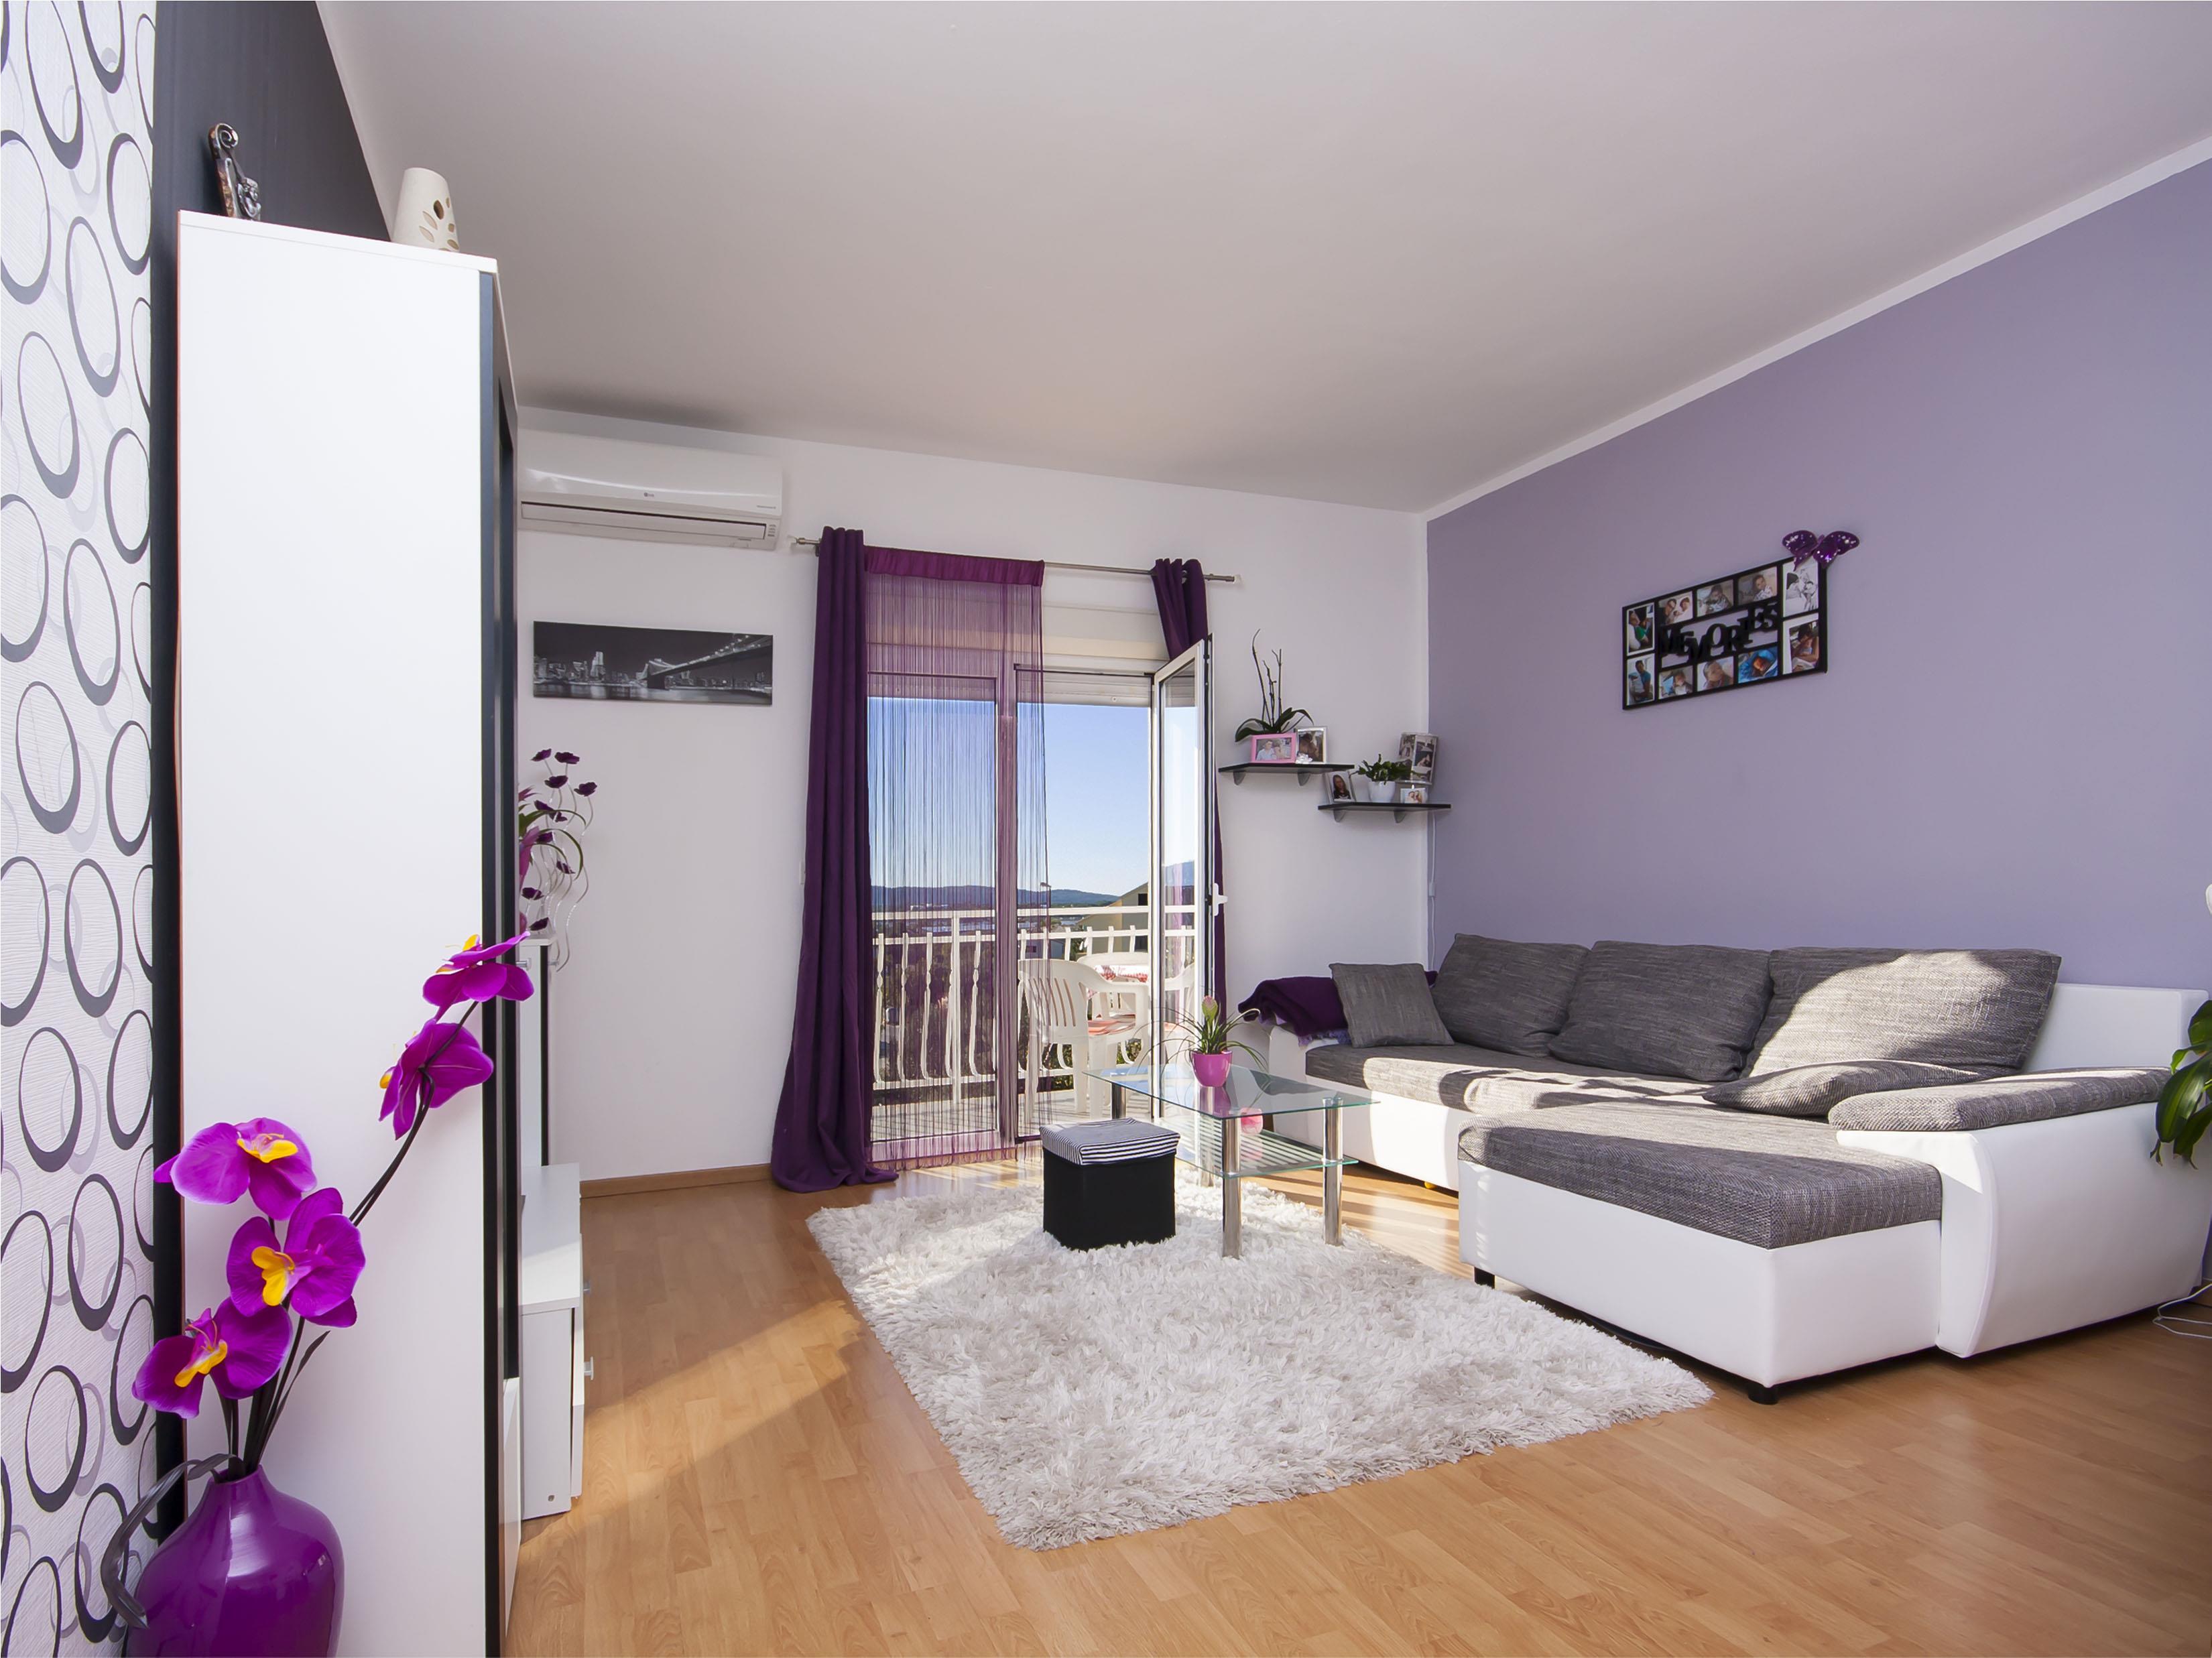 Ferienwohnung Apartments Senka / One bedroom A1 (1902155), Brodarica, , Dalmatien, Kroatien, Bild 1